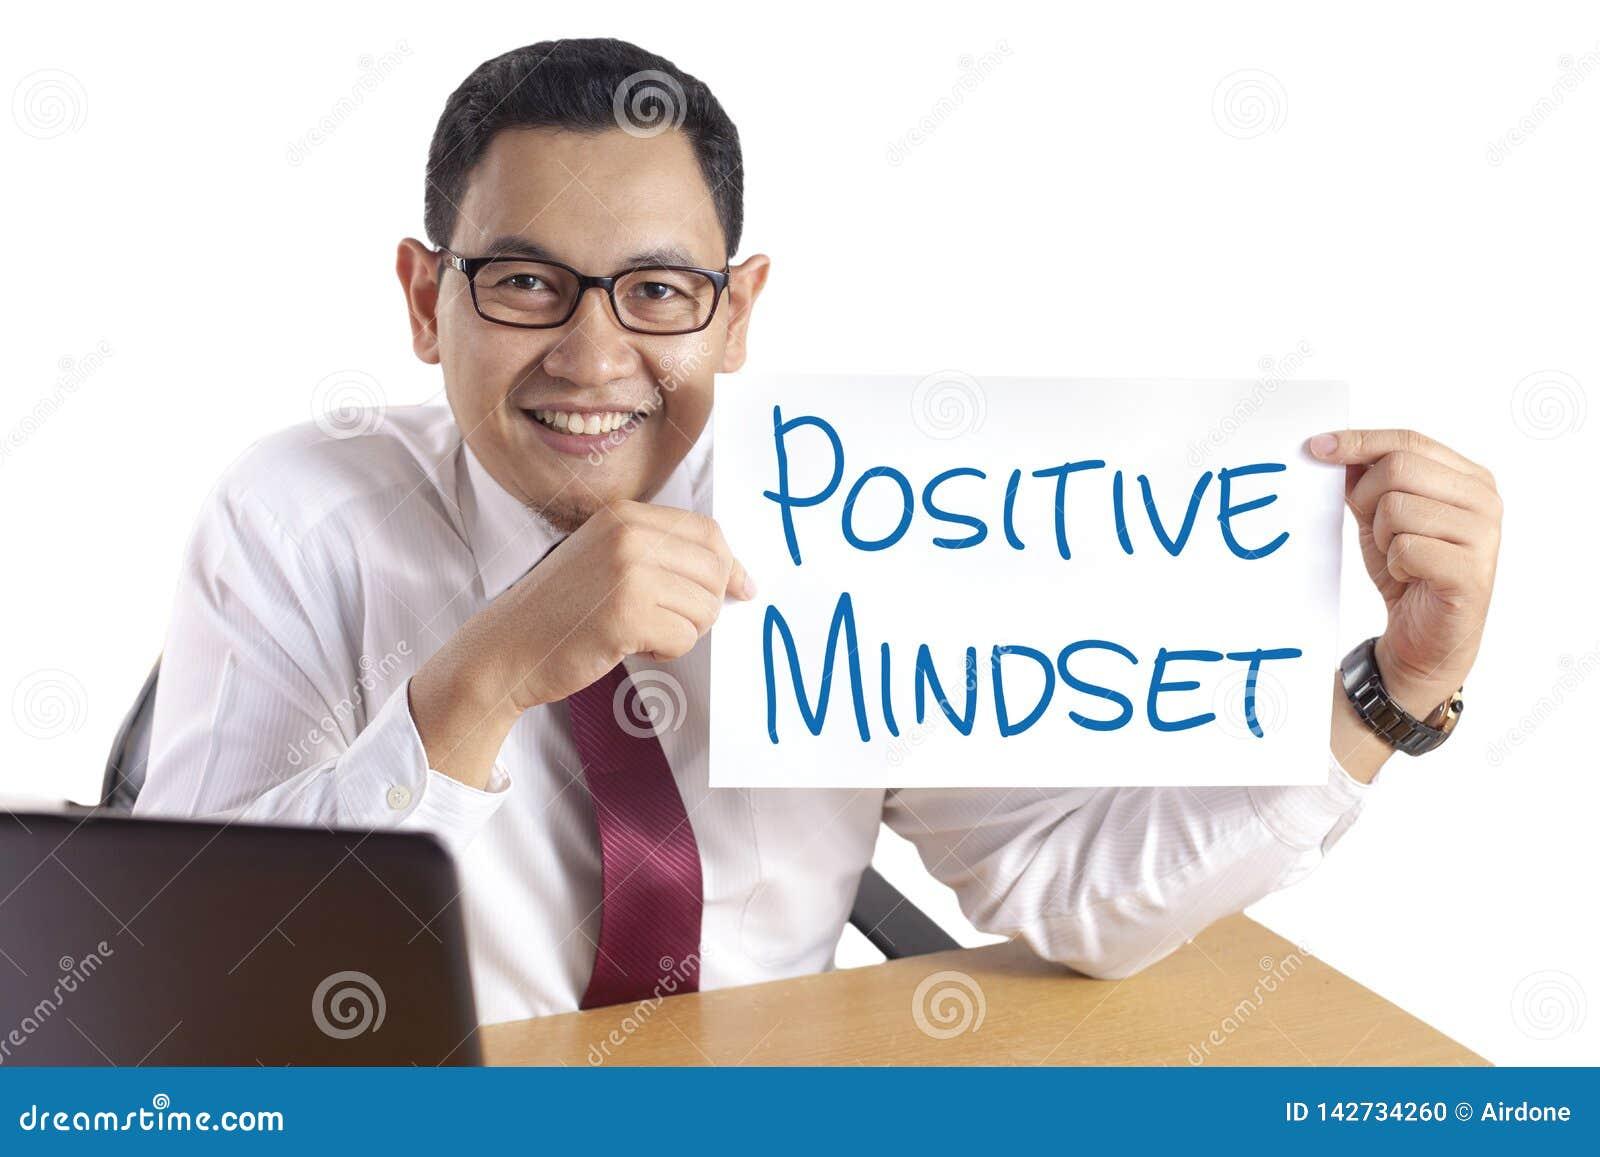 Θετική νοοτροπία, κινητήρια έννοια αποσπασμάτων λέξεων